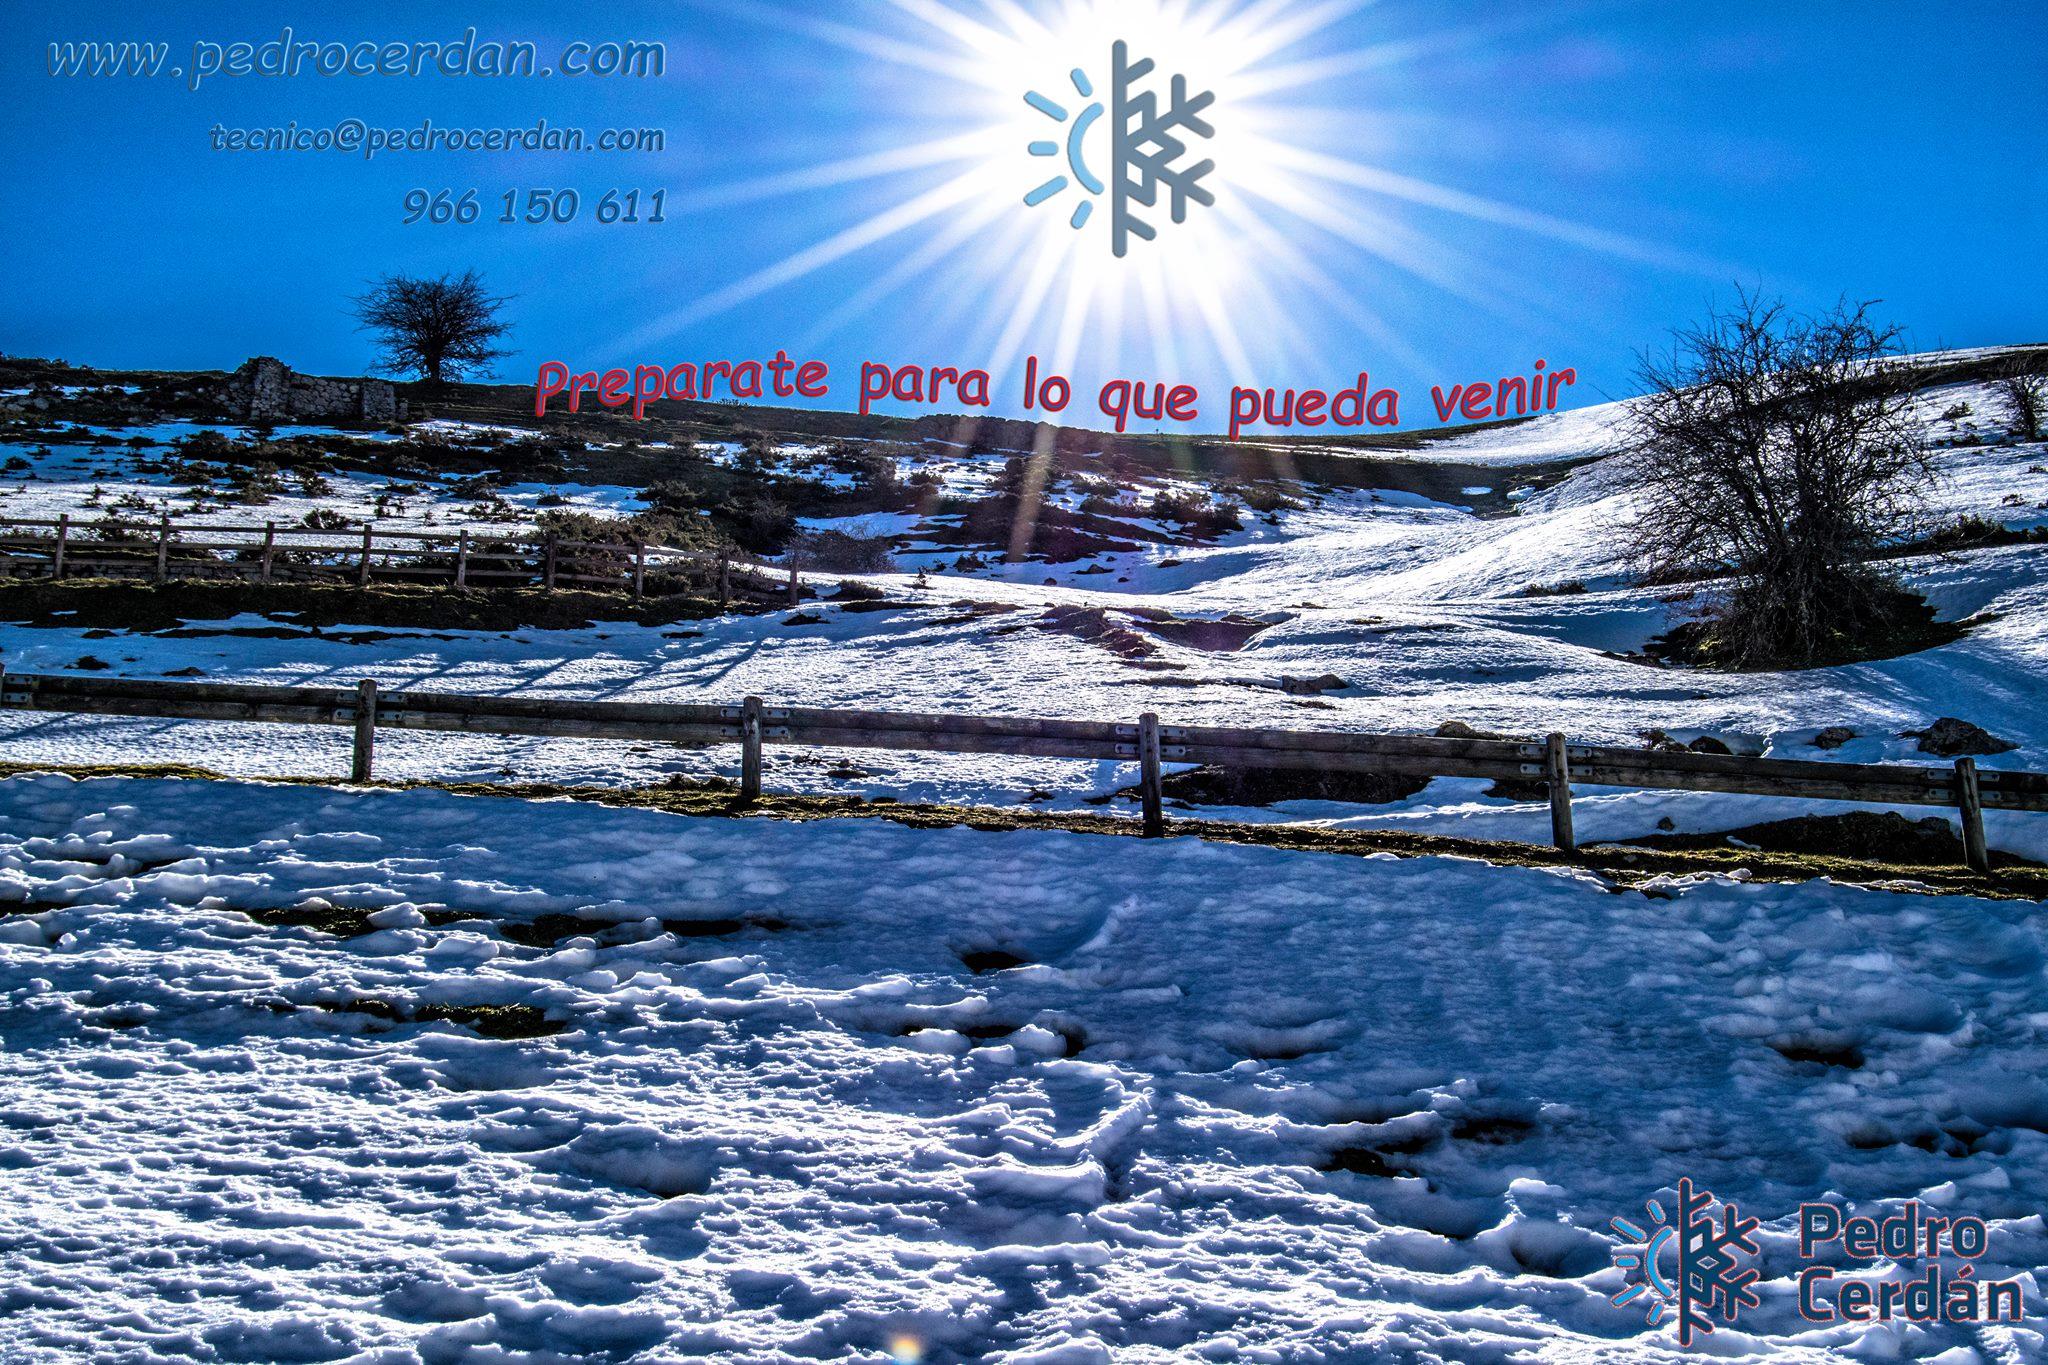 climatizacion invierno